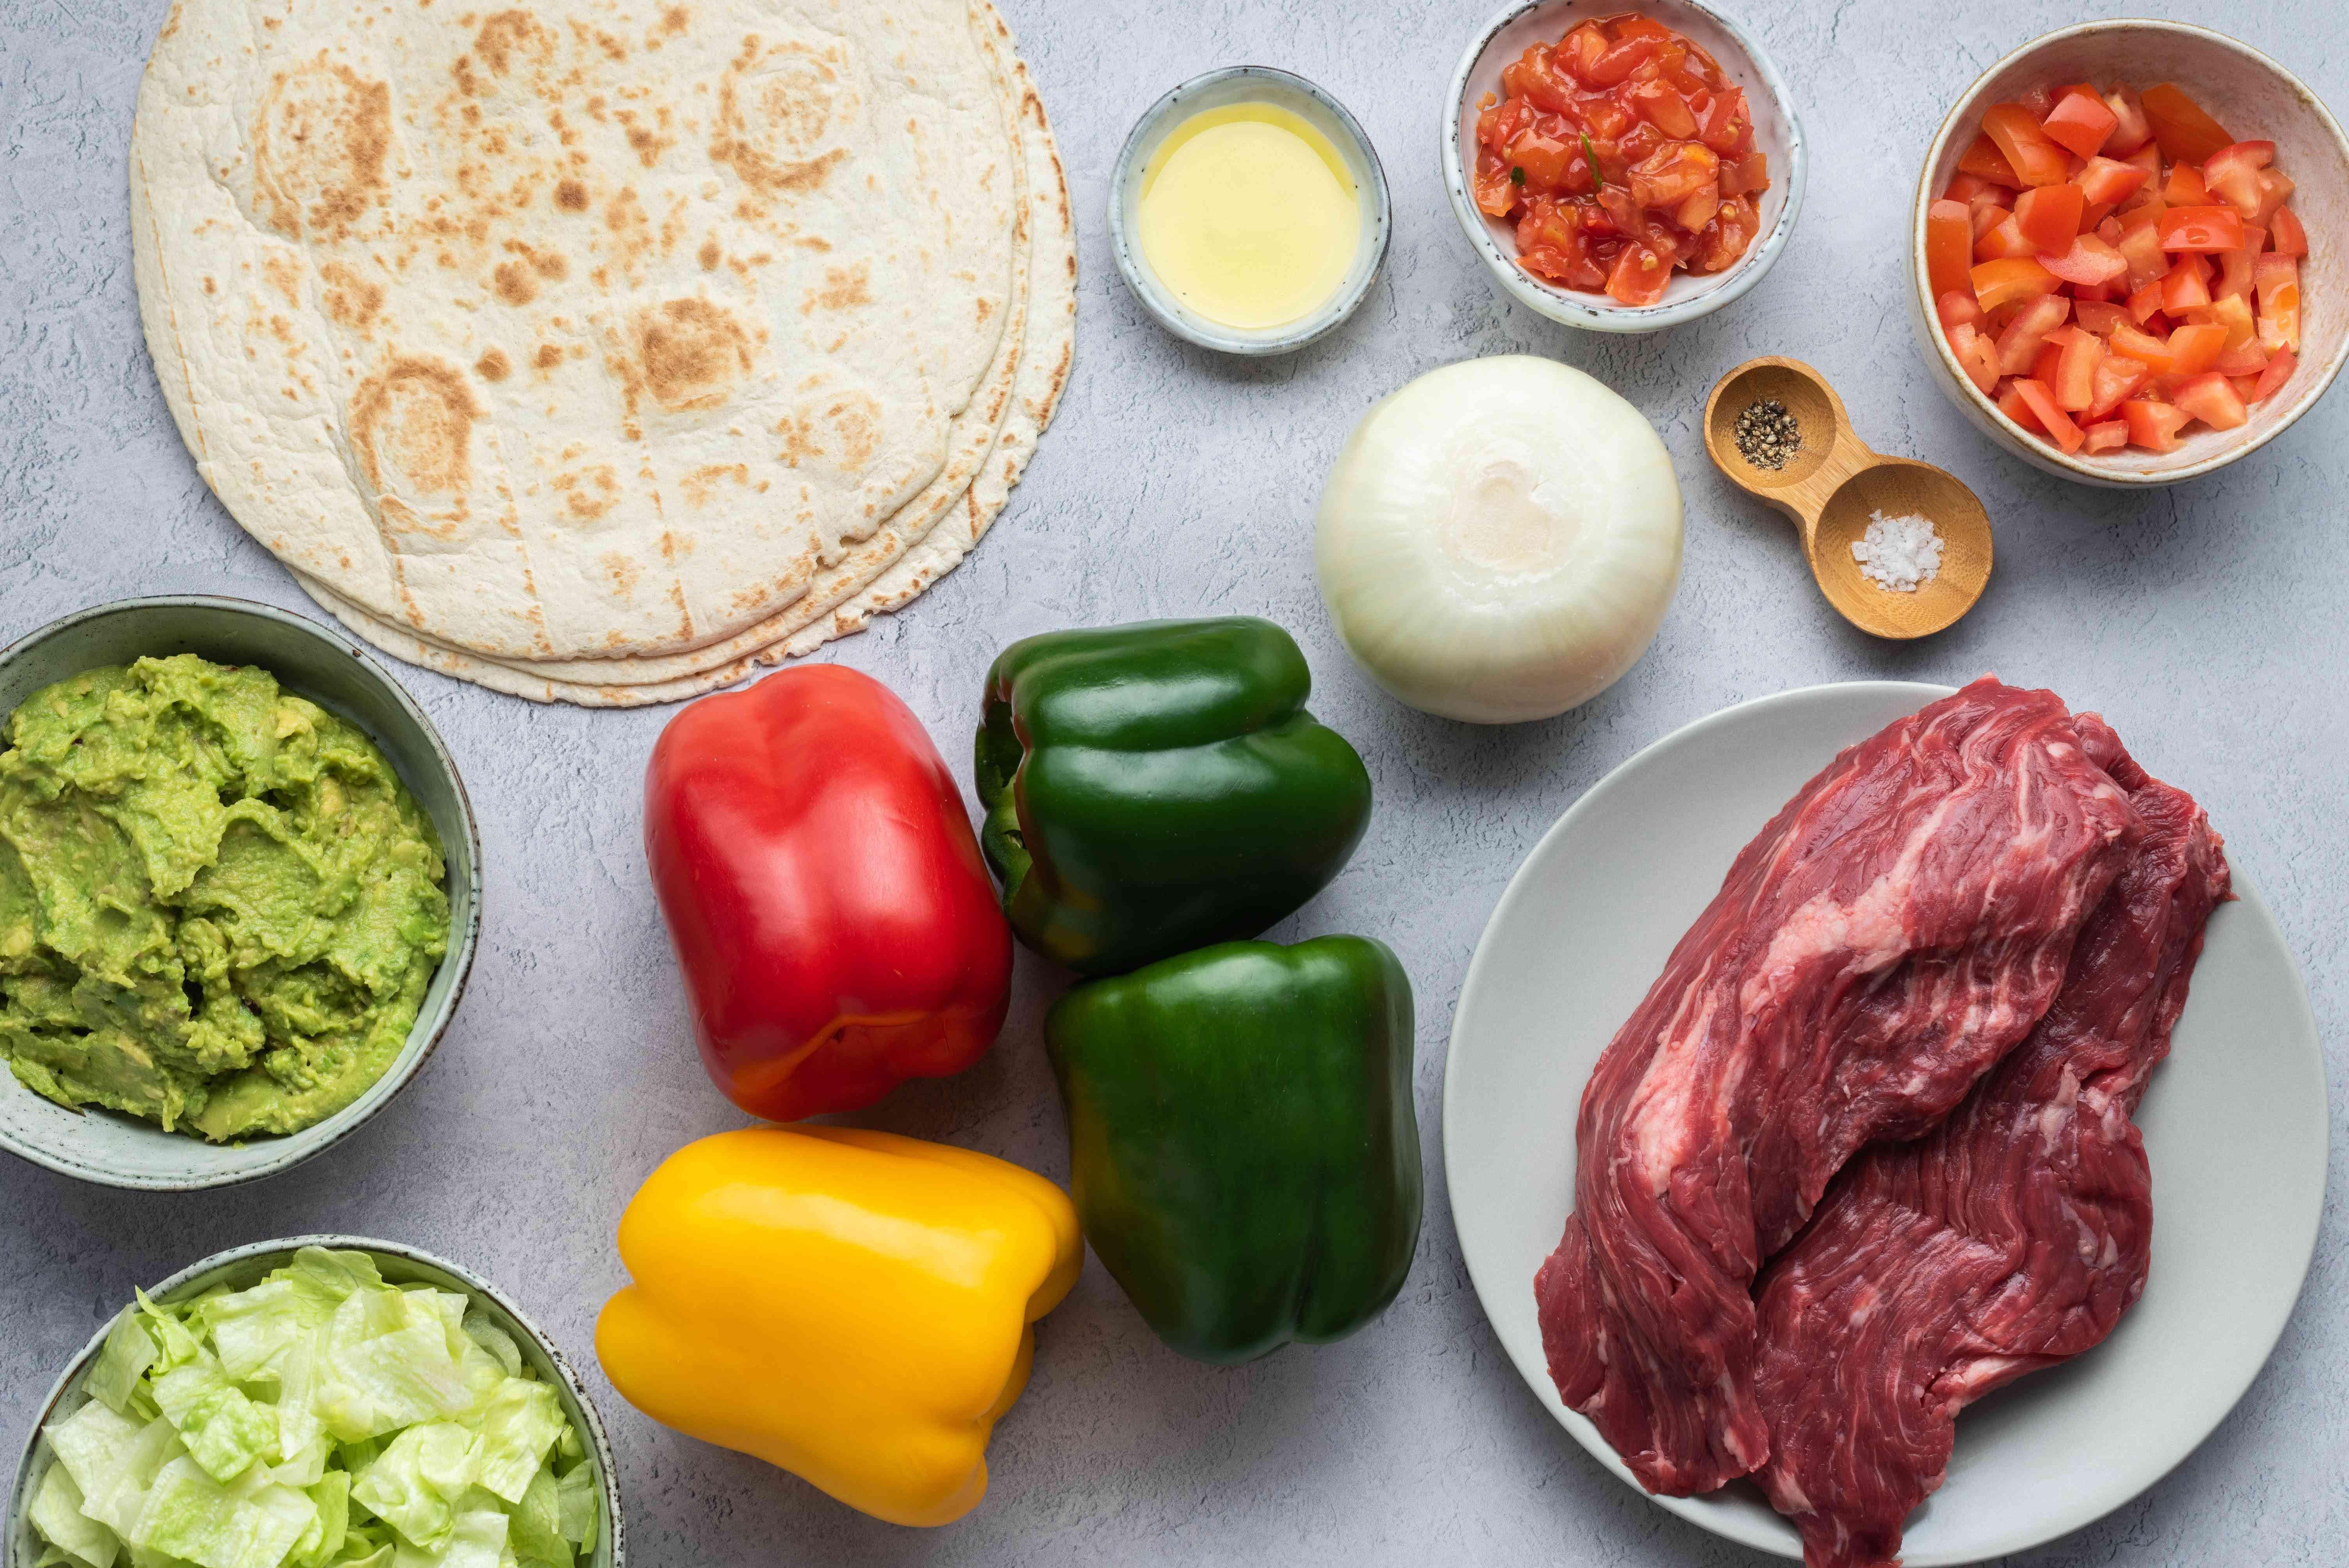 Quick stove-top beef fajitas ingredients